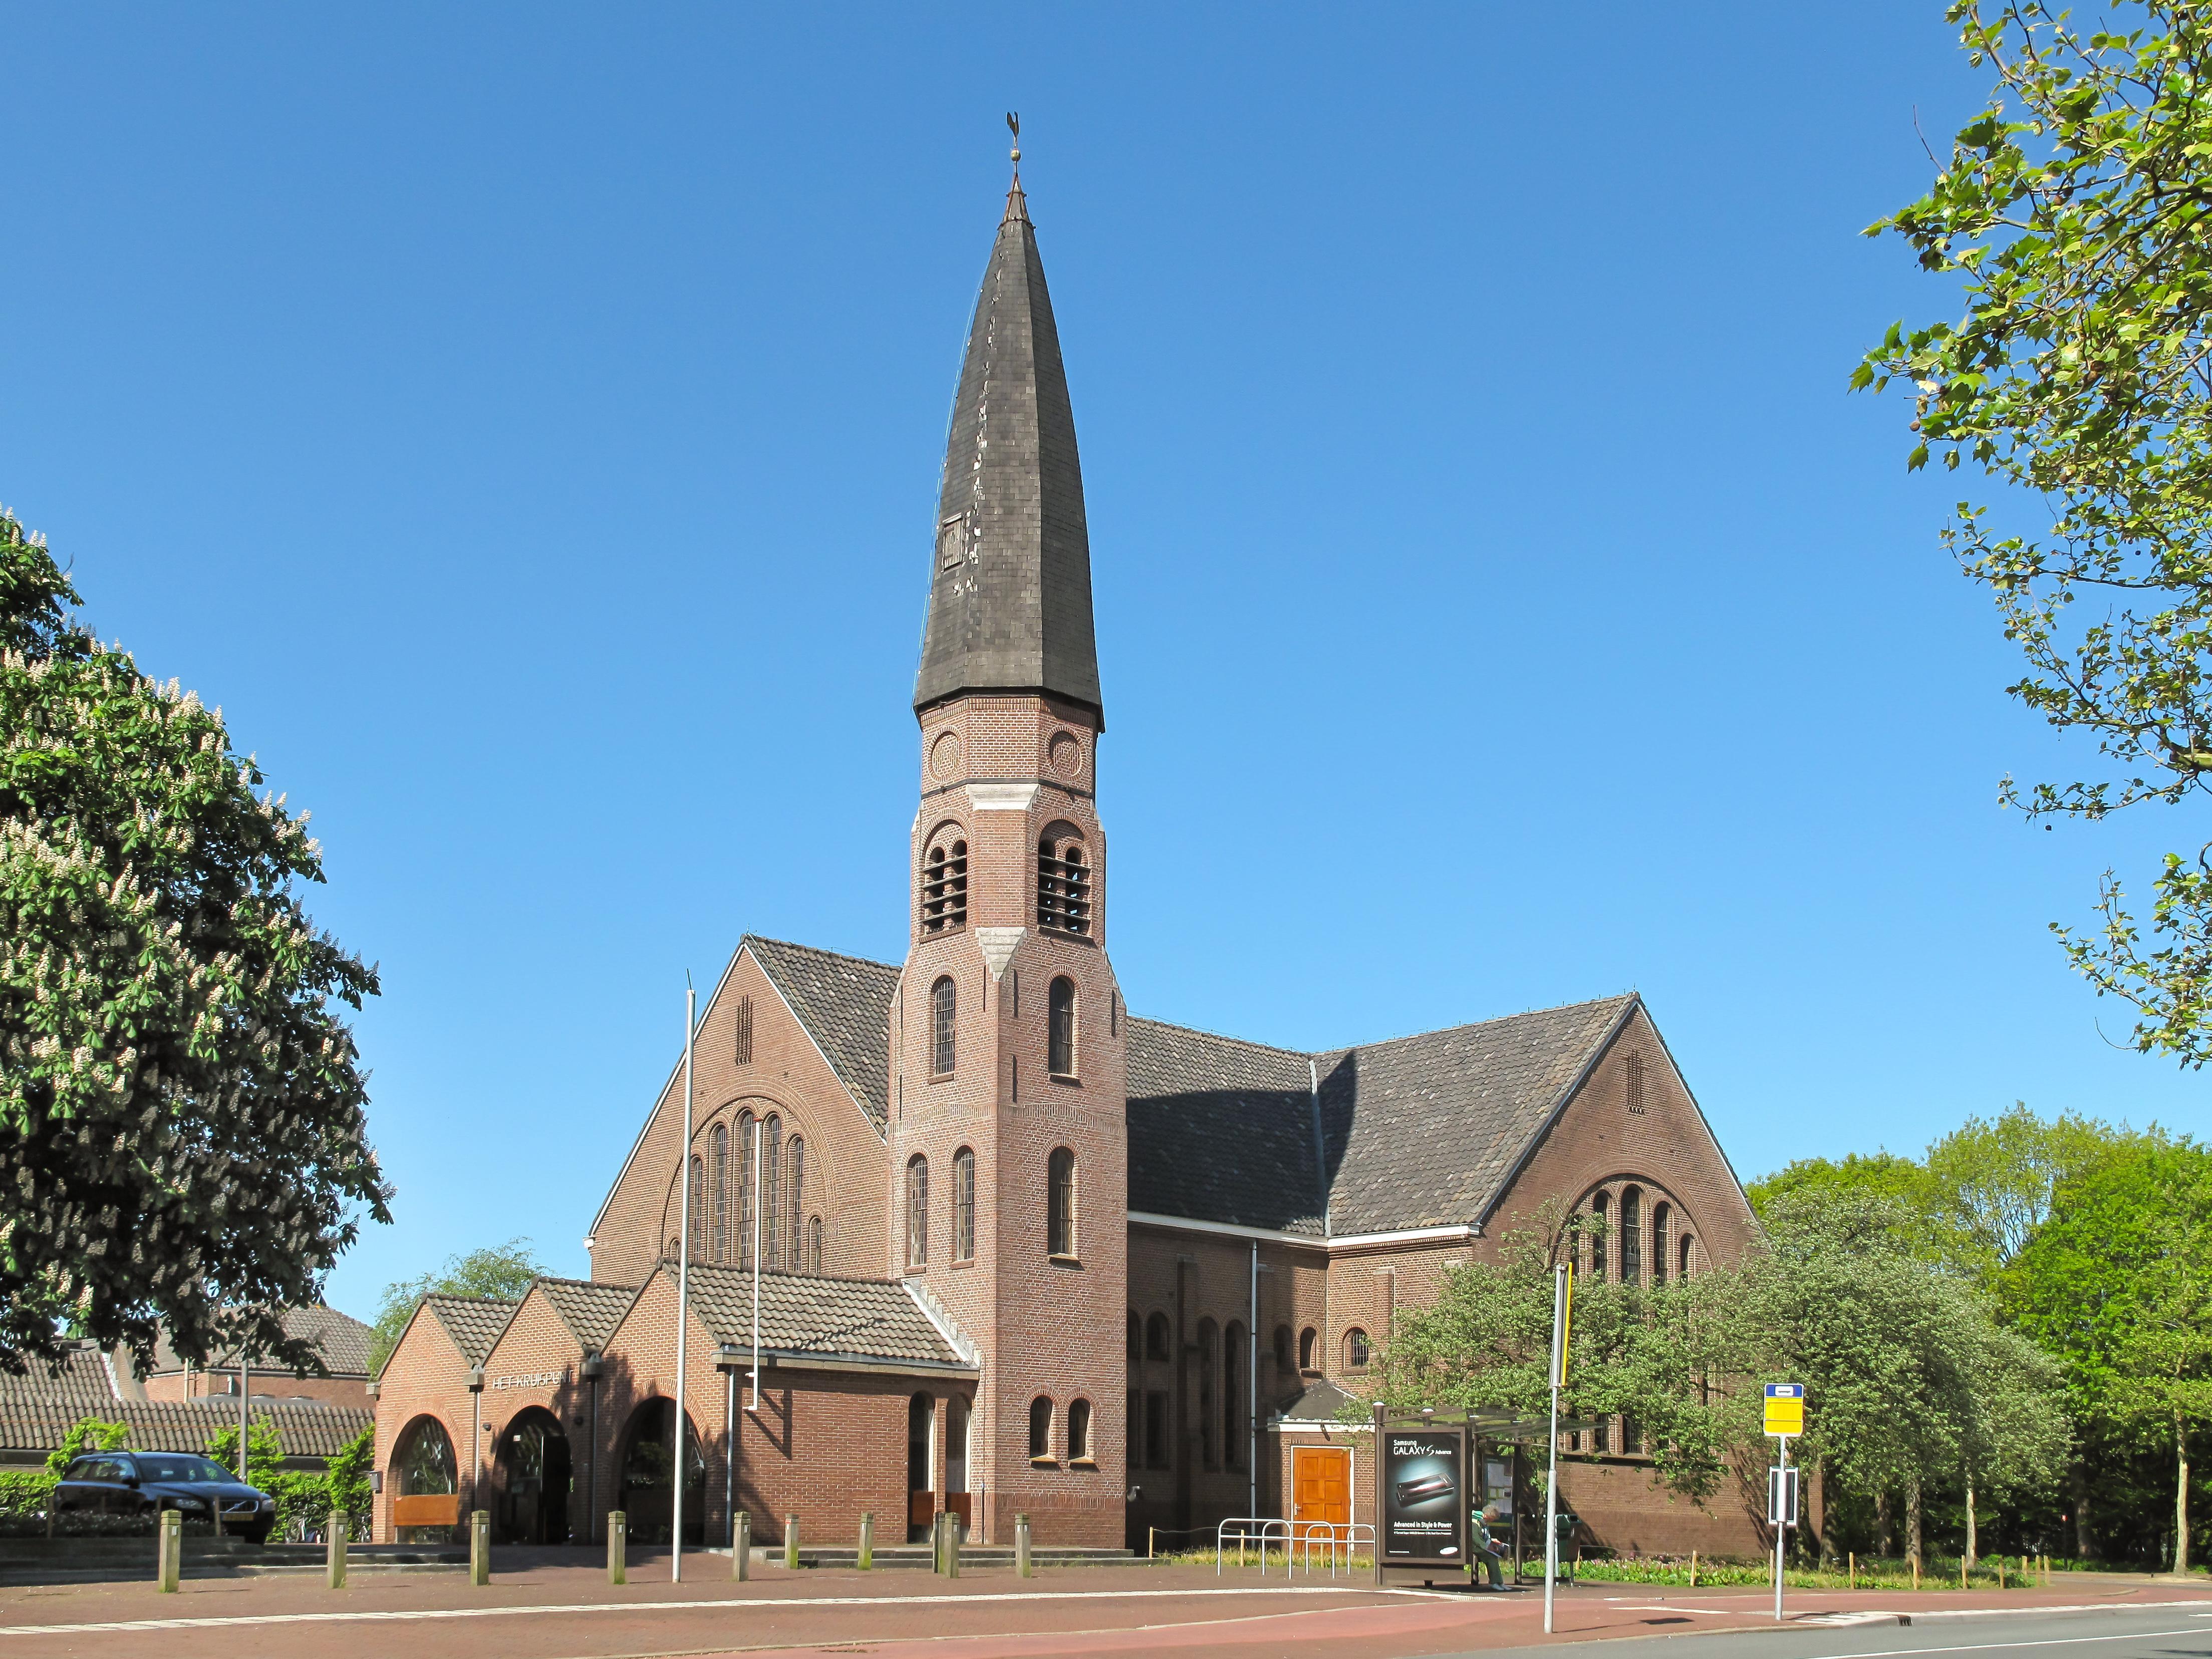 Cultuur in de bieb of in de kerk? Voorschotense politiek weet het nog niet